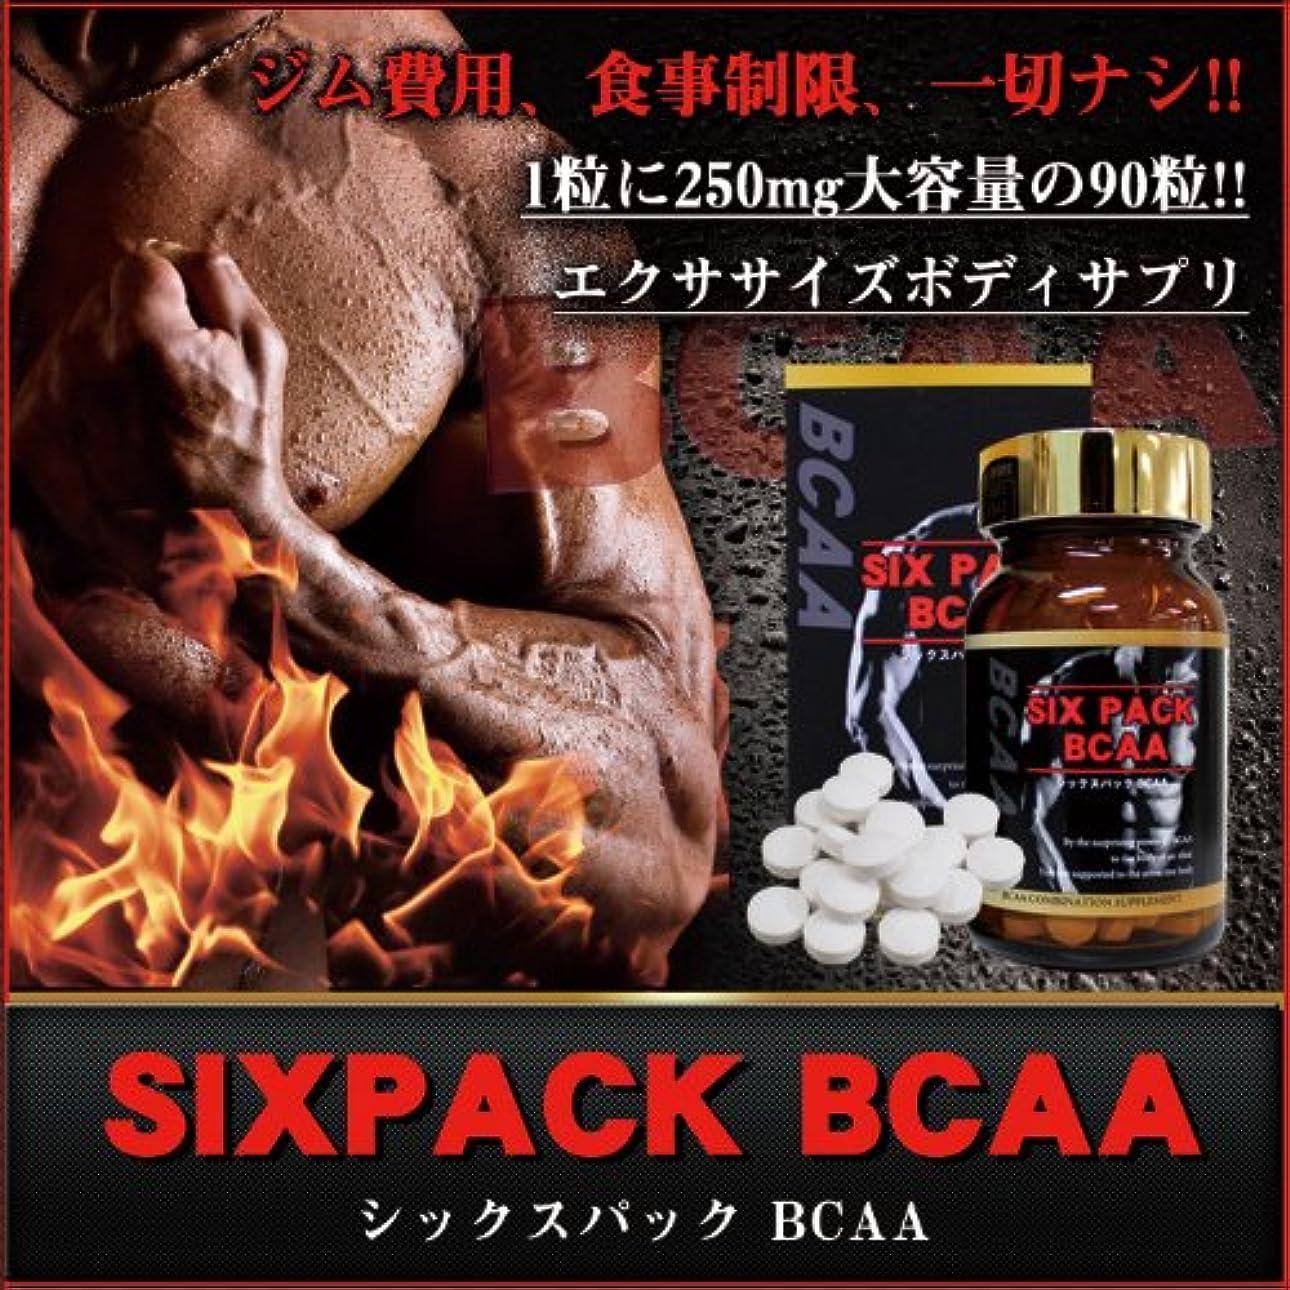 織機タバコ音声シックスパックBCAA (バリン+ロイシン+イソロイシン配合エクササイズボディサプリ)